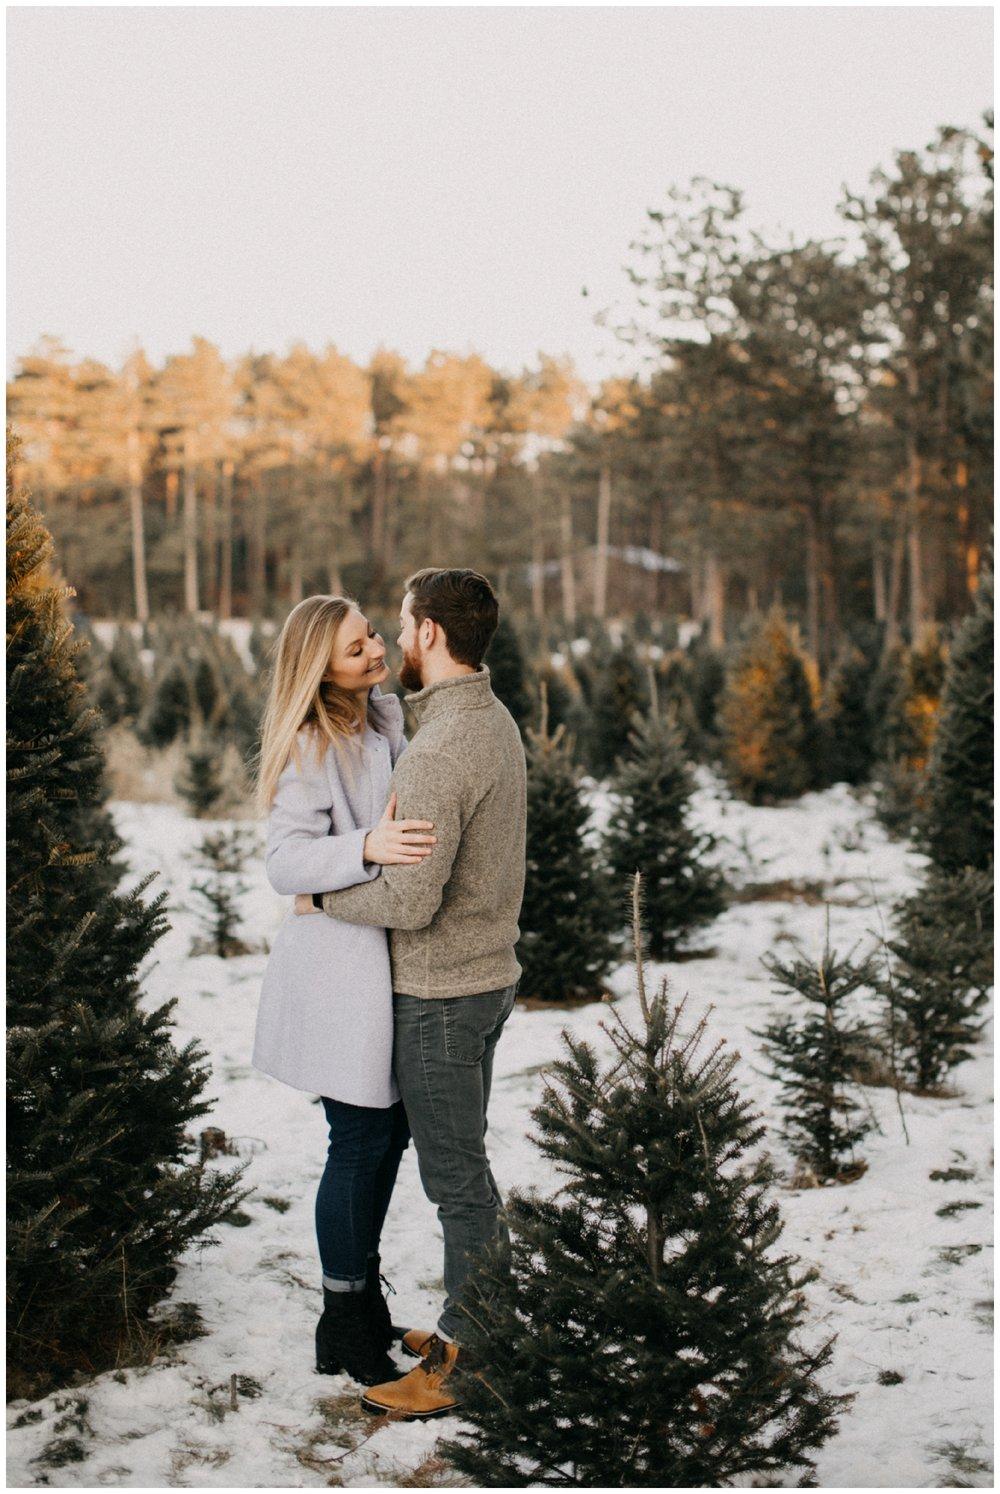 Winter Sunset engagement at Hansen Tree Farm in Anoka, Minnesota